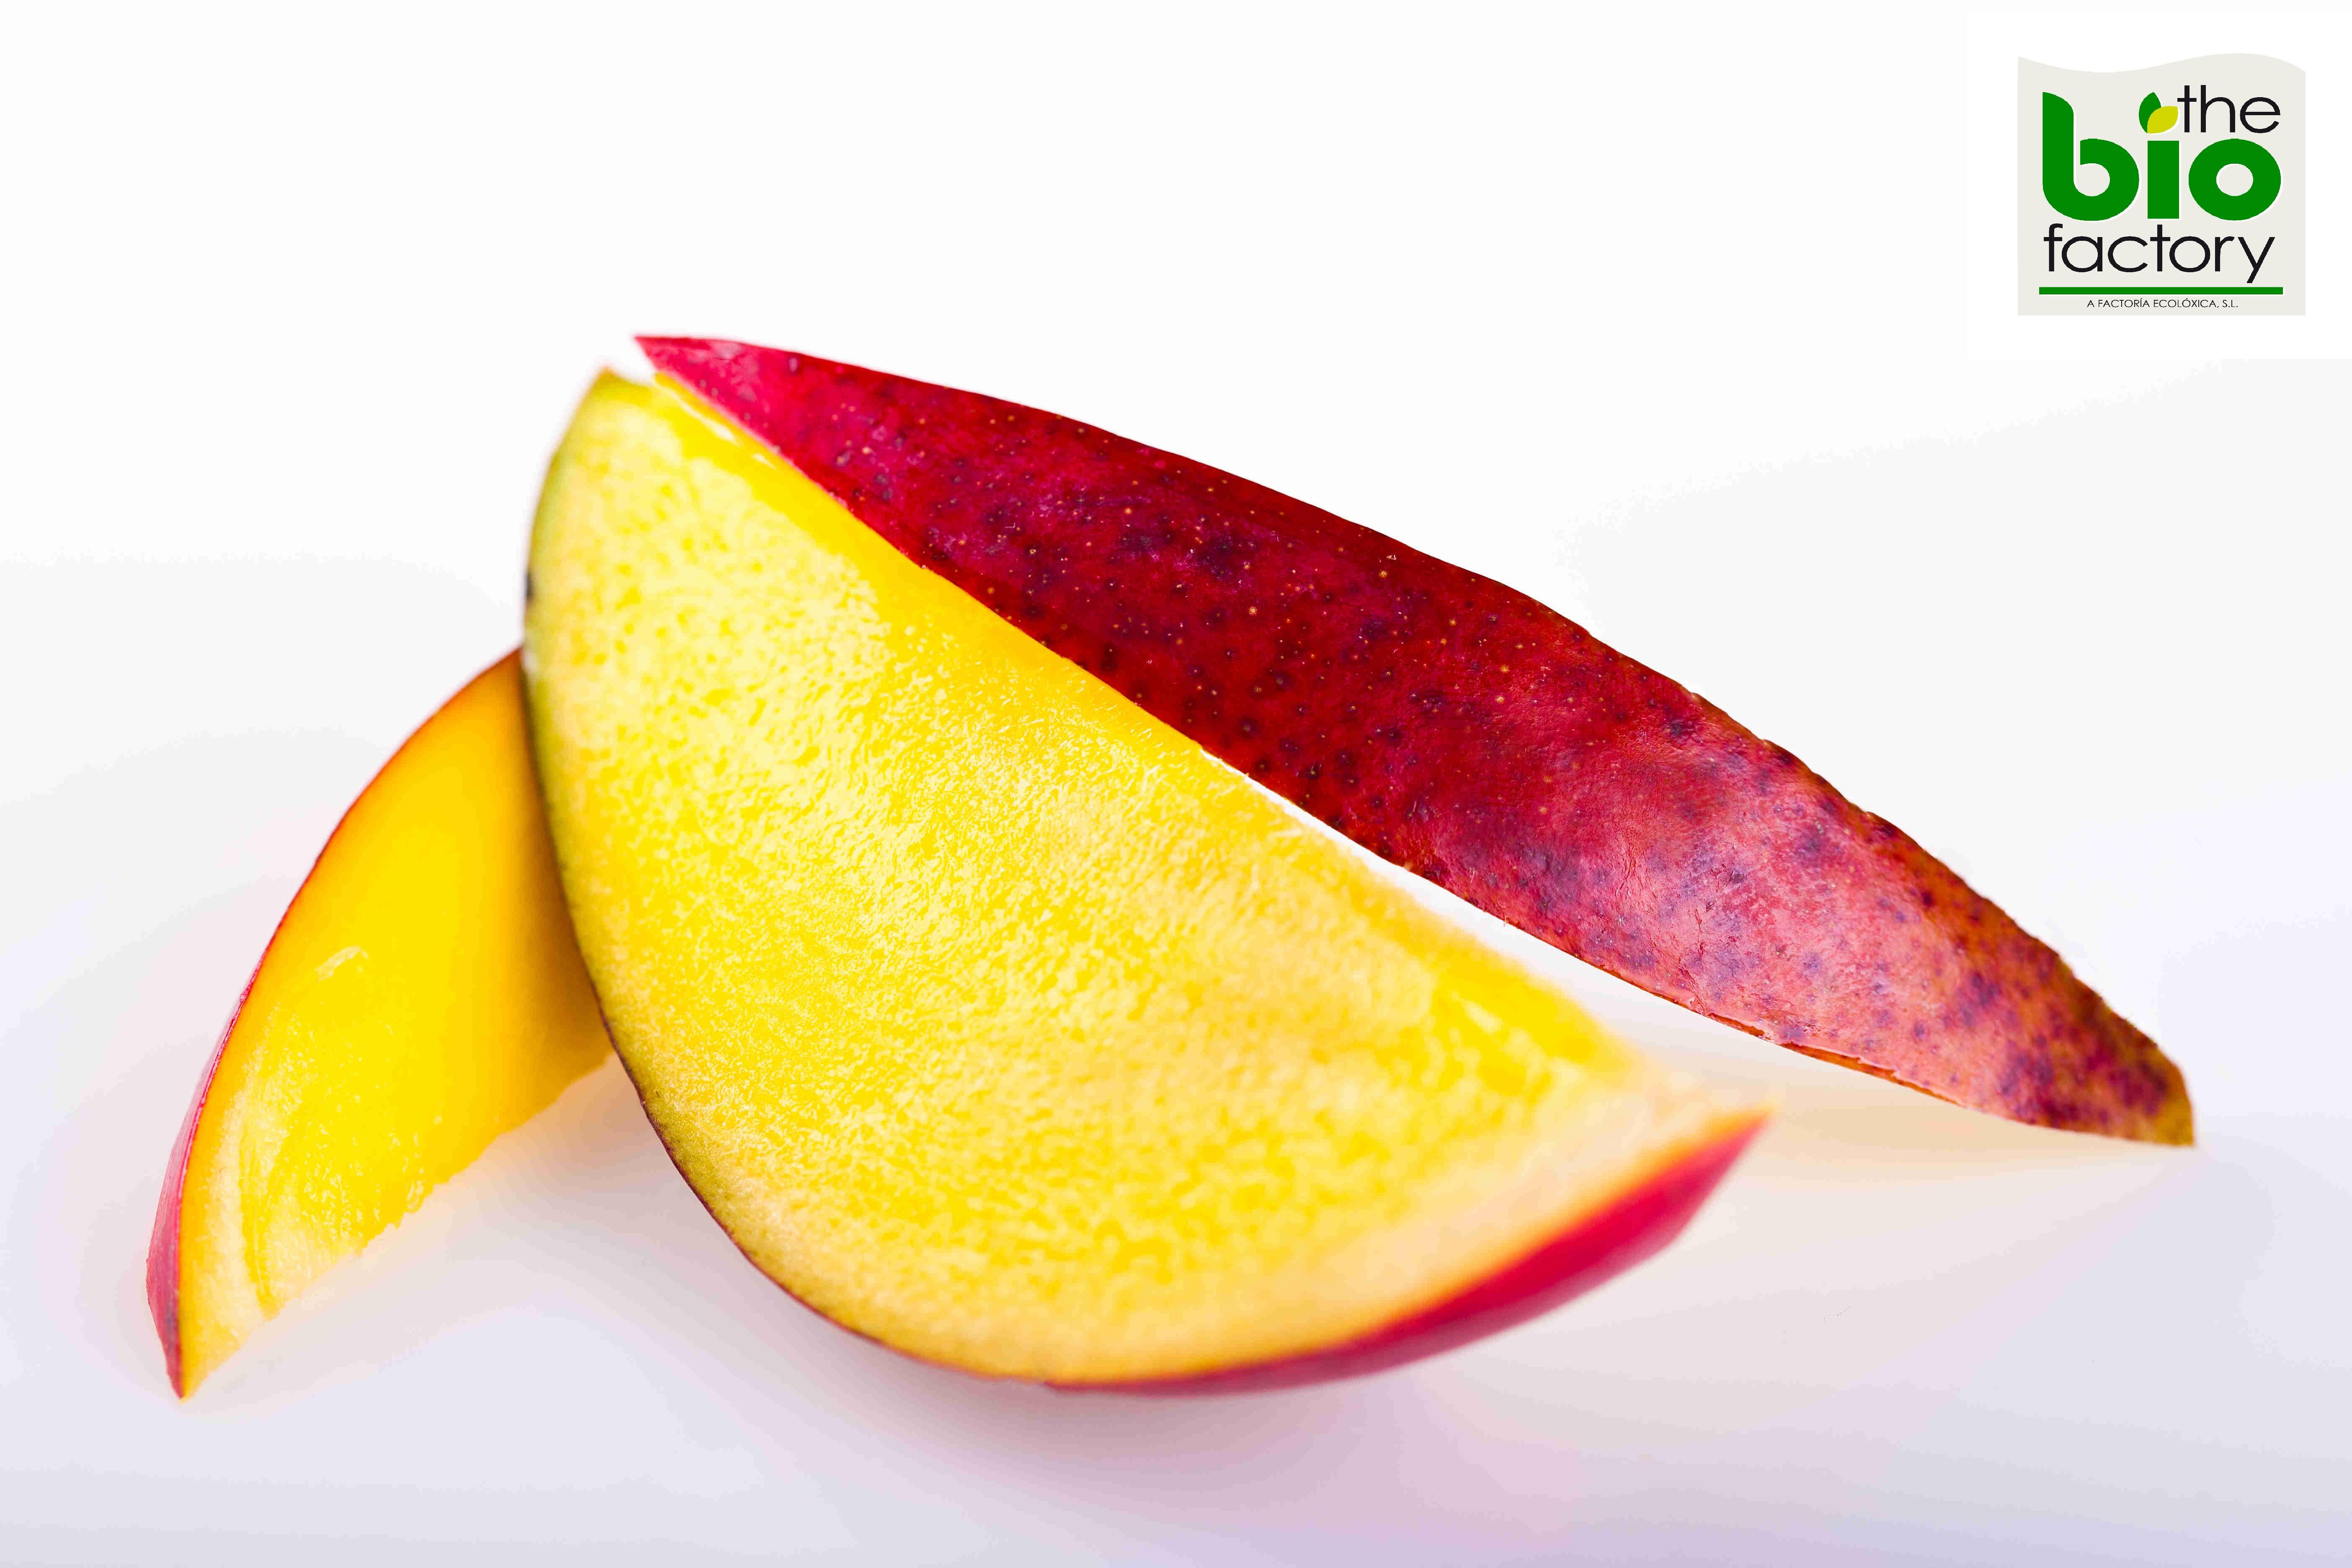 Mango_ecológico_the_bio_factory-_a_factoria_ecoloxica.jpg